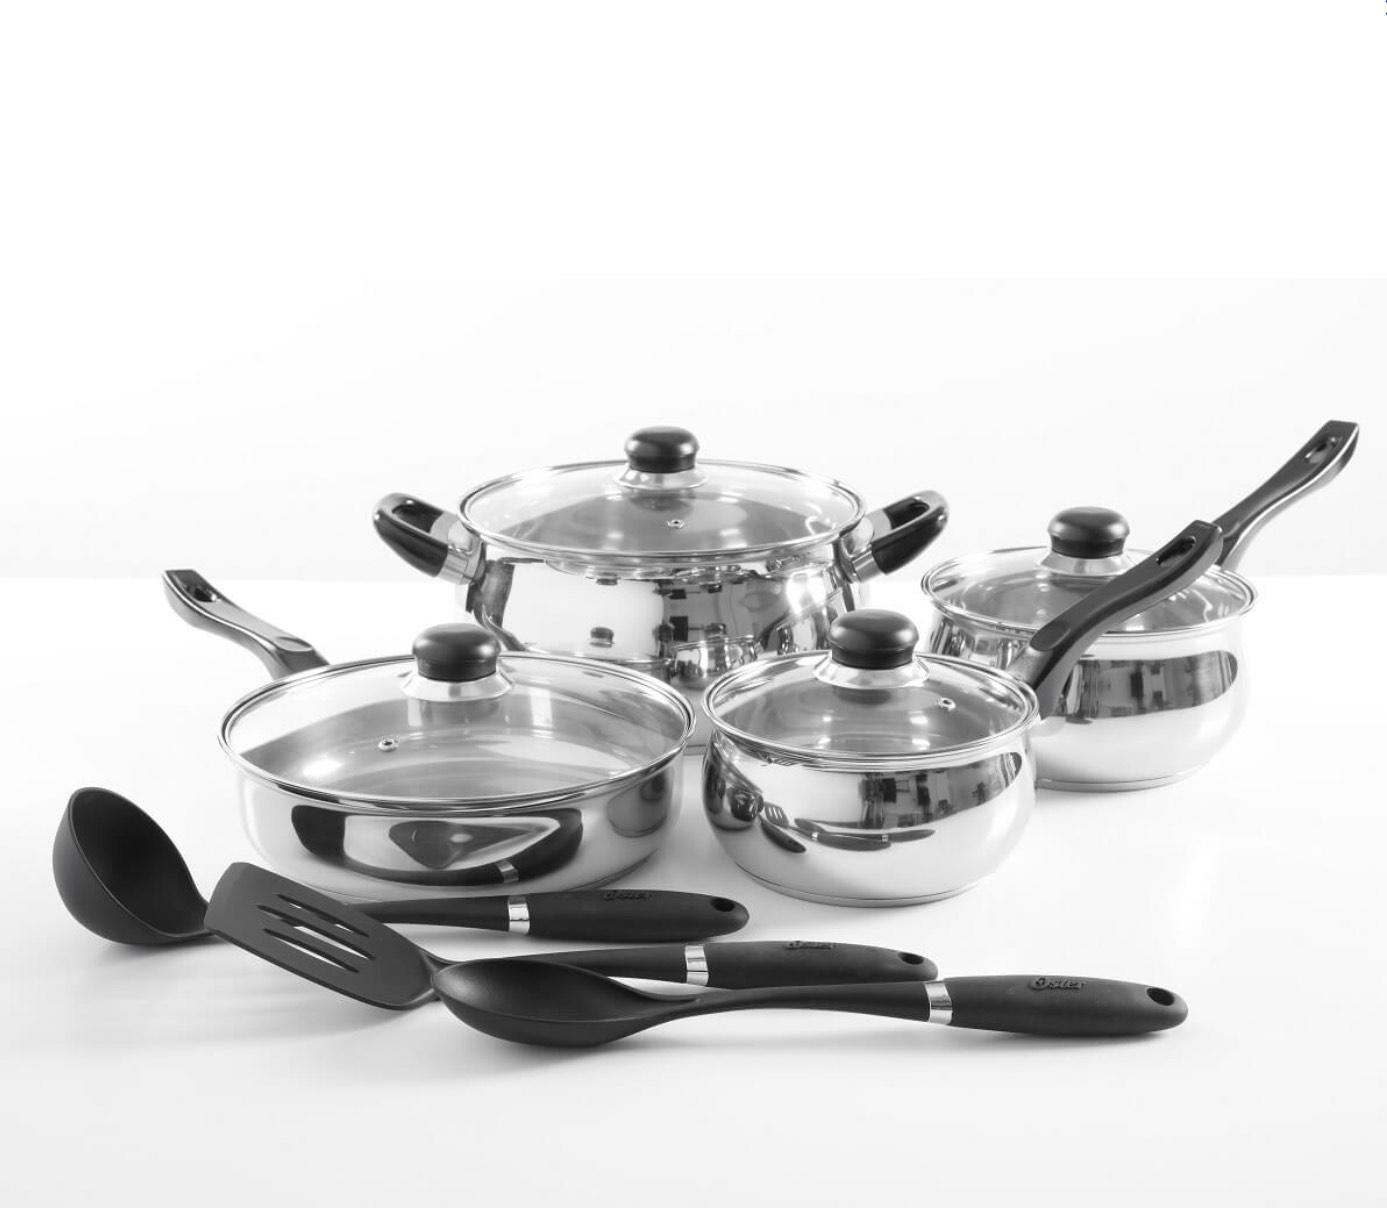 Oster - Batería de Acero con 11 piezas para la cocina - Plata - Best Buy